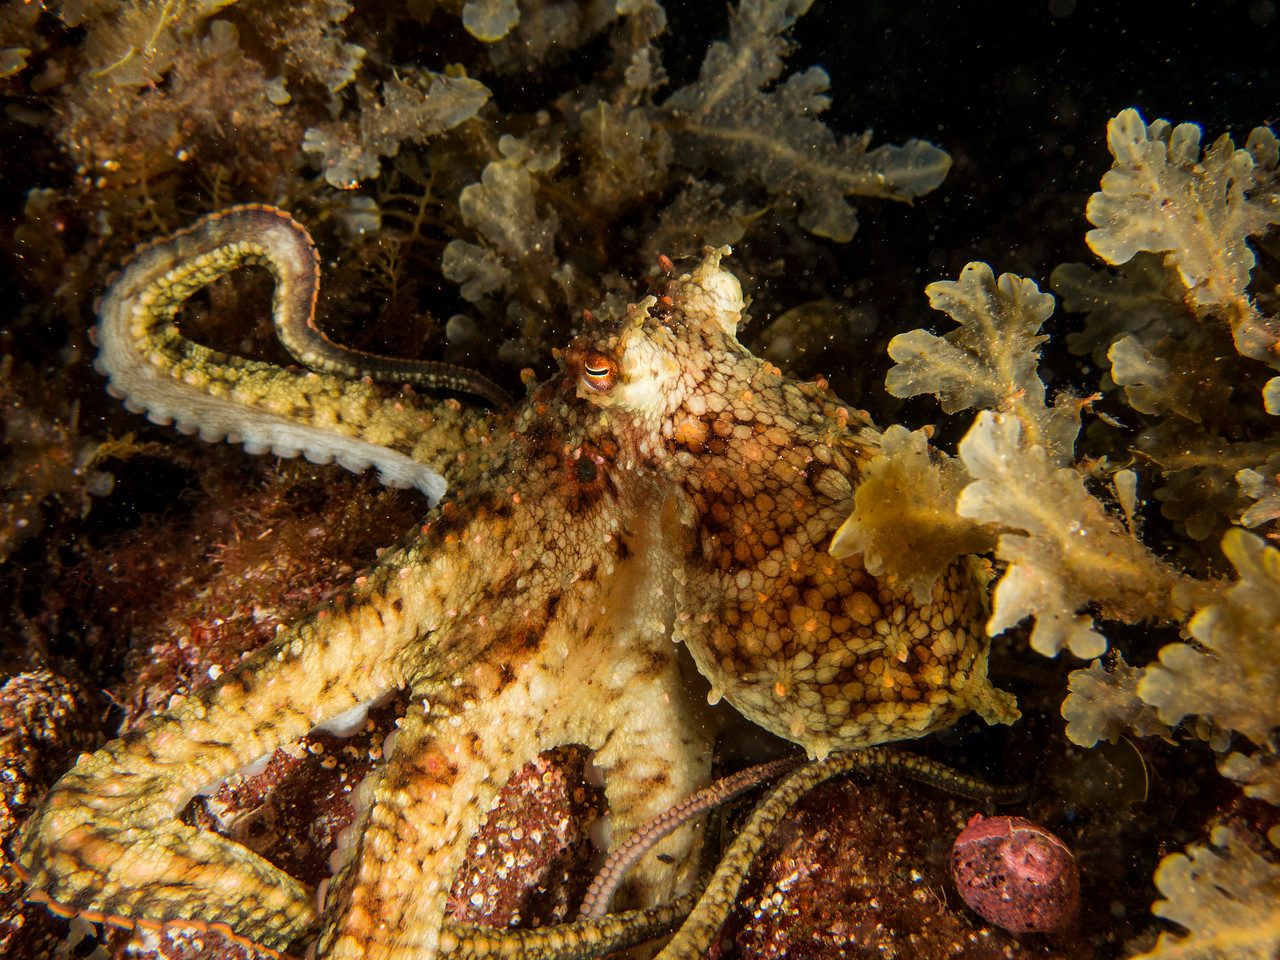 Two-spot Octopus (Octopus bimaculatus)